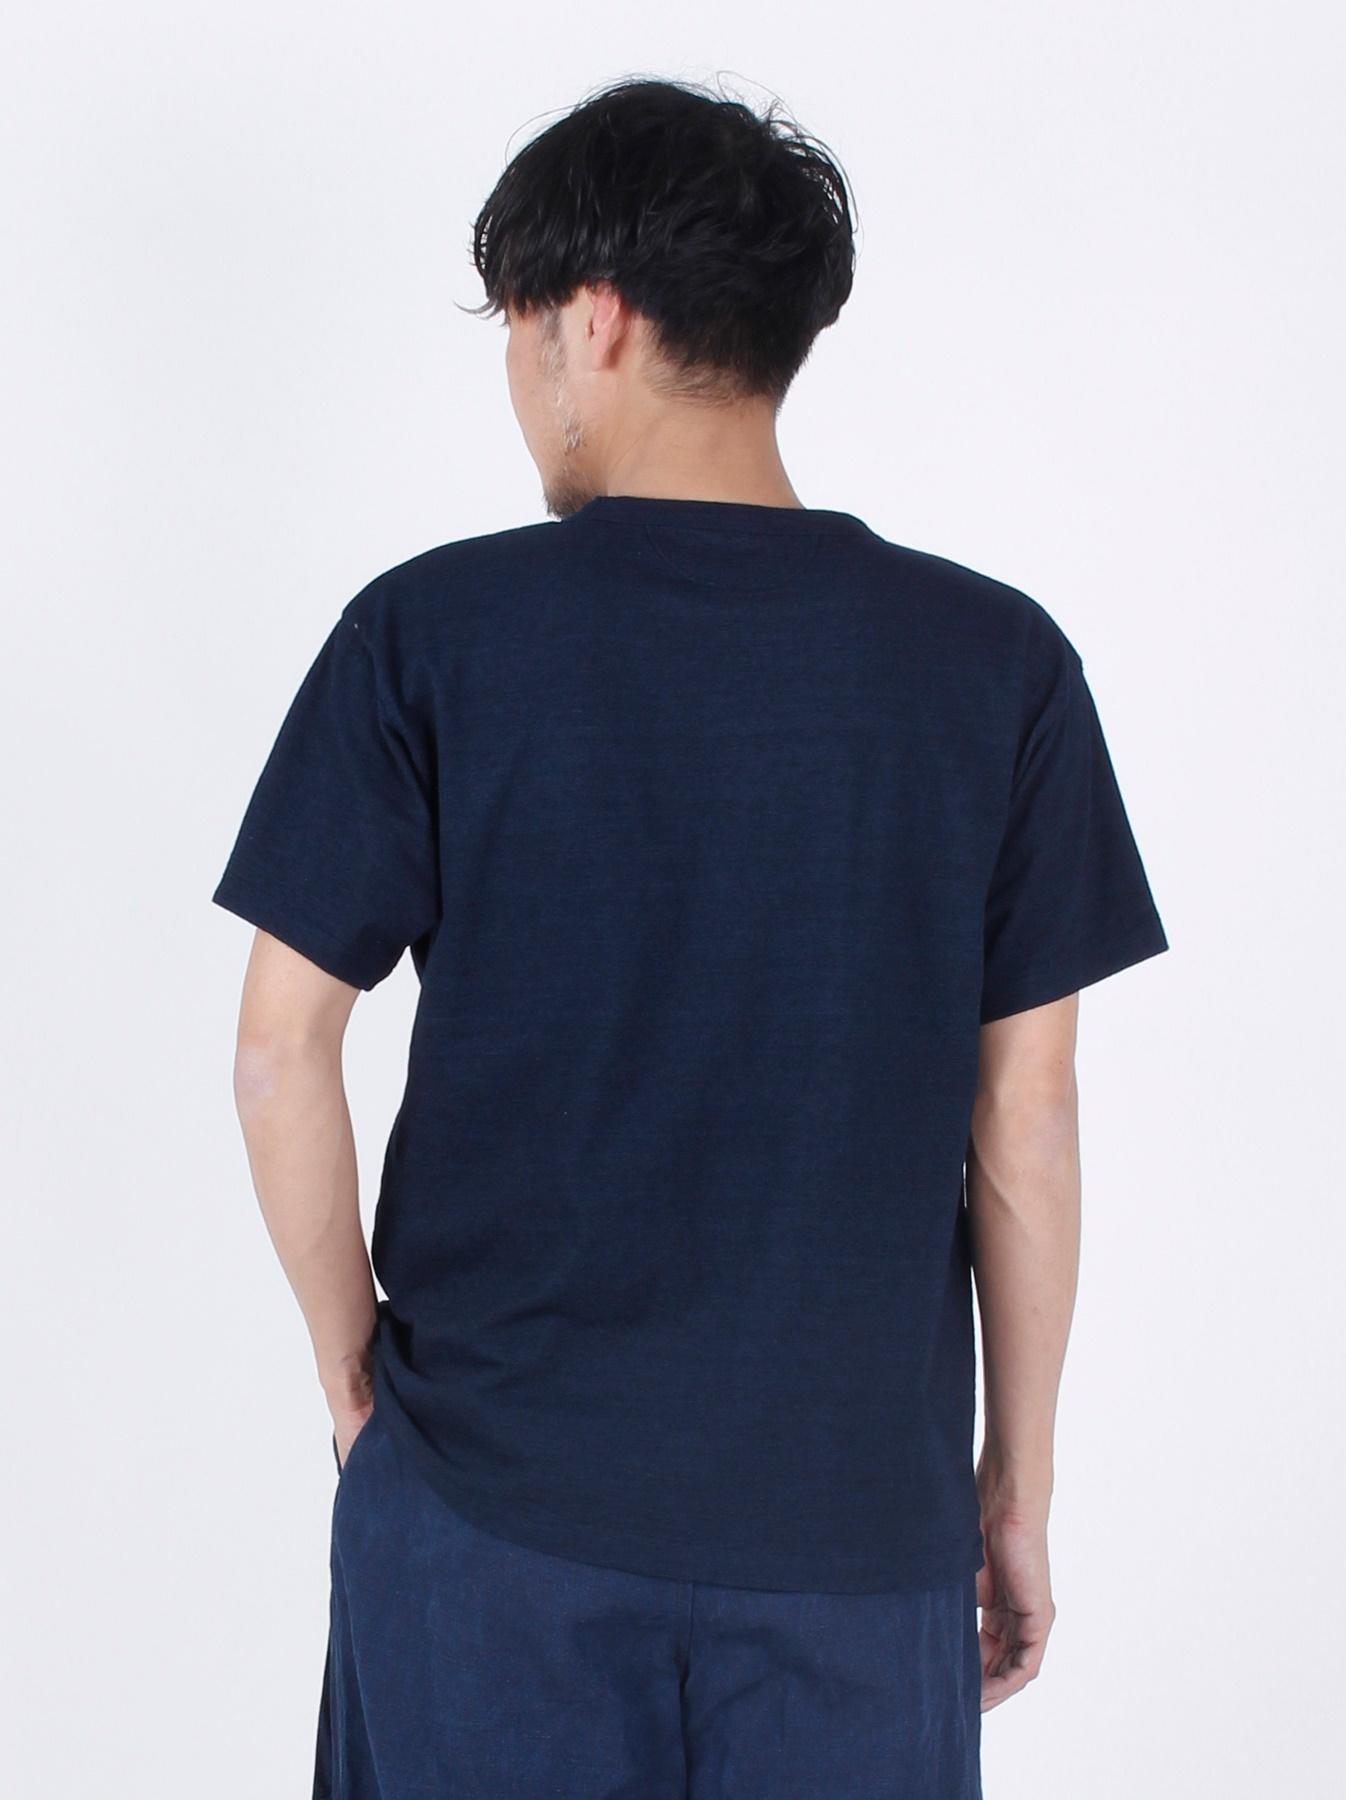 WH Indigo Applique T-shirt-5